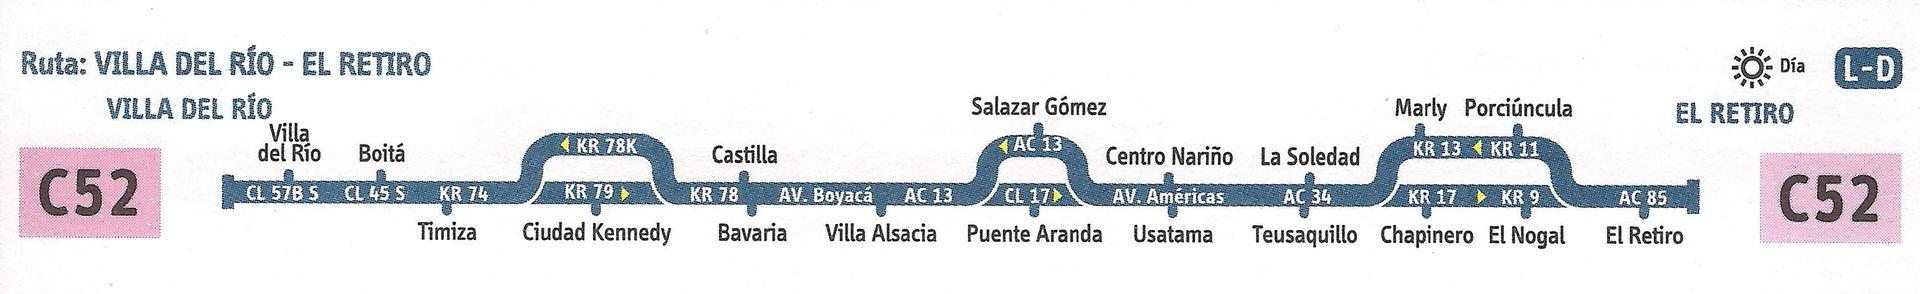 Ruta SITP: C52 Villa del Río ↔ El Retiro [Urbana] 1